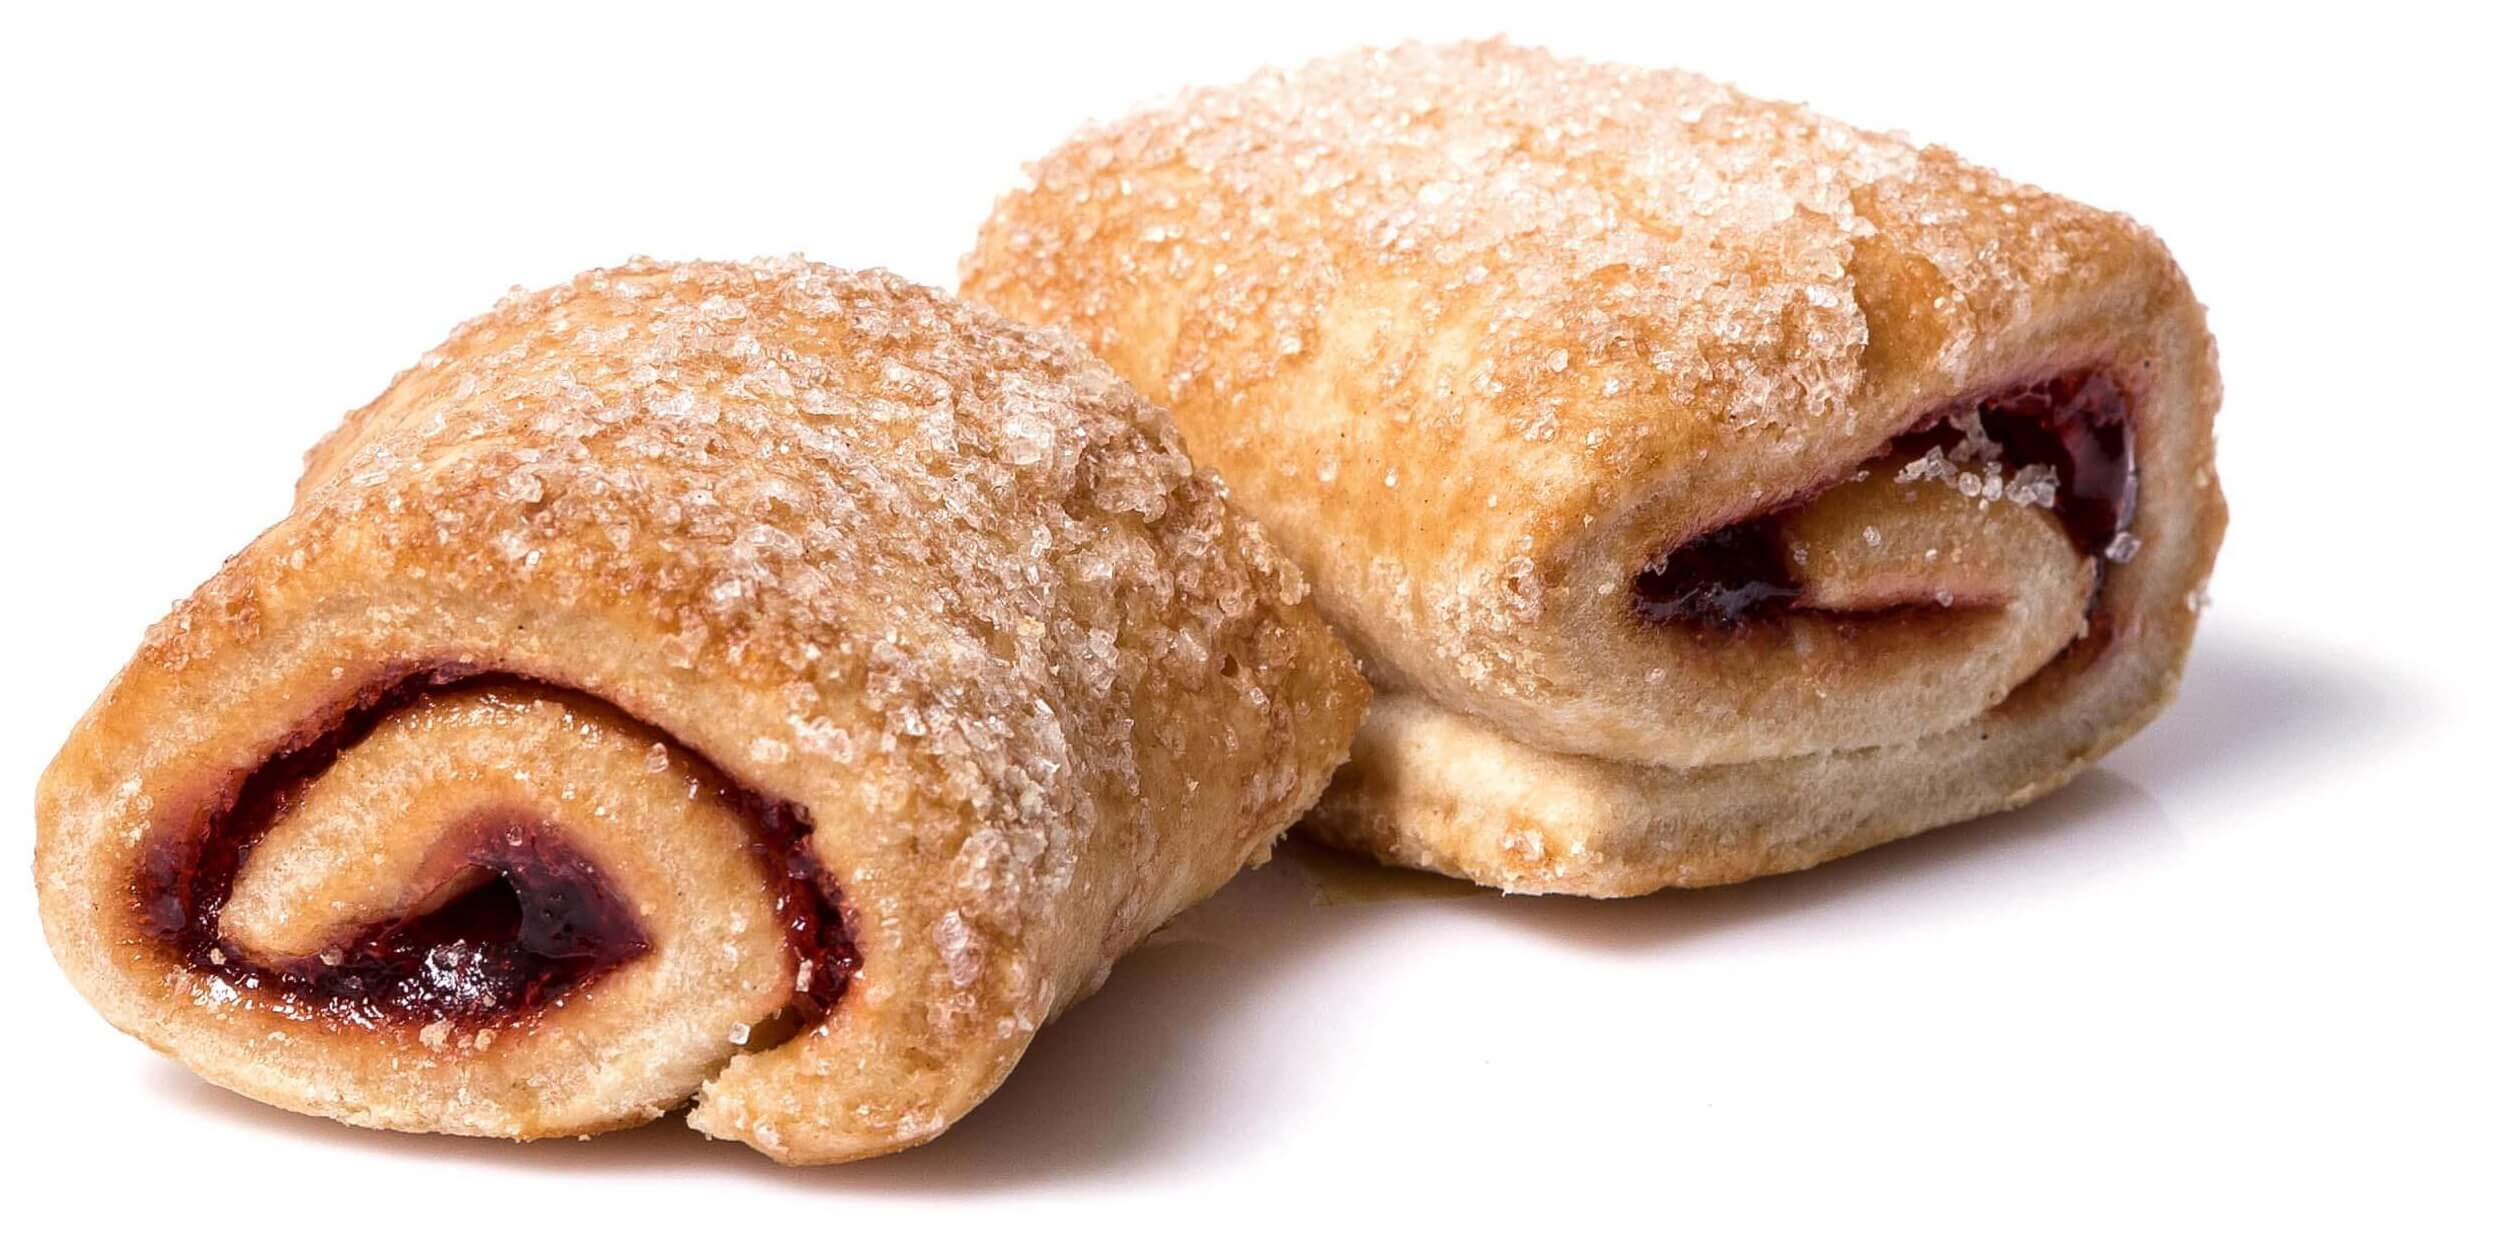 Печенье сдобное «Смаколык» с наполнителем фруктовым с ароматом абрикоса фото 1